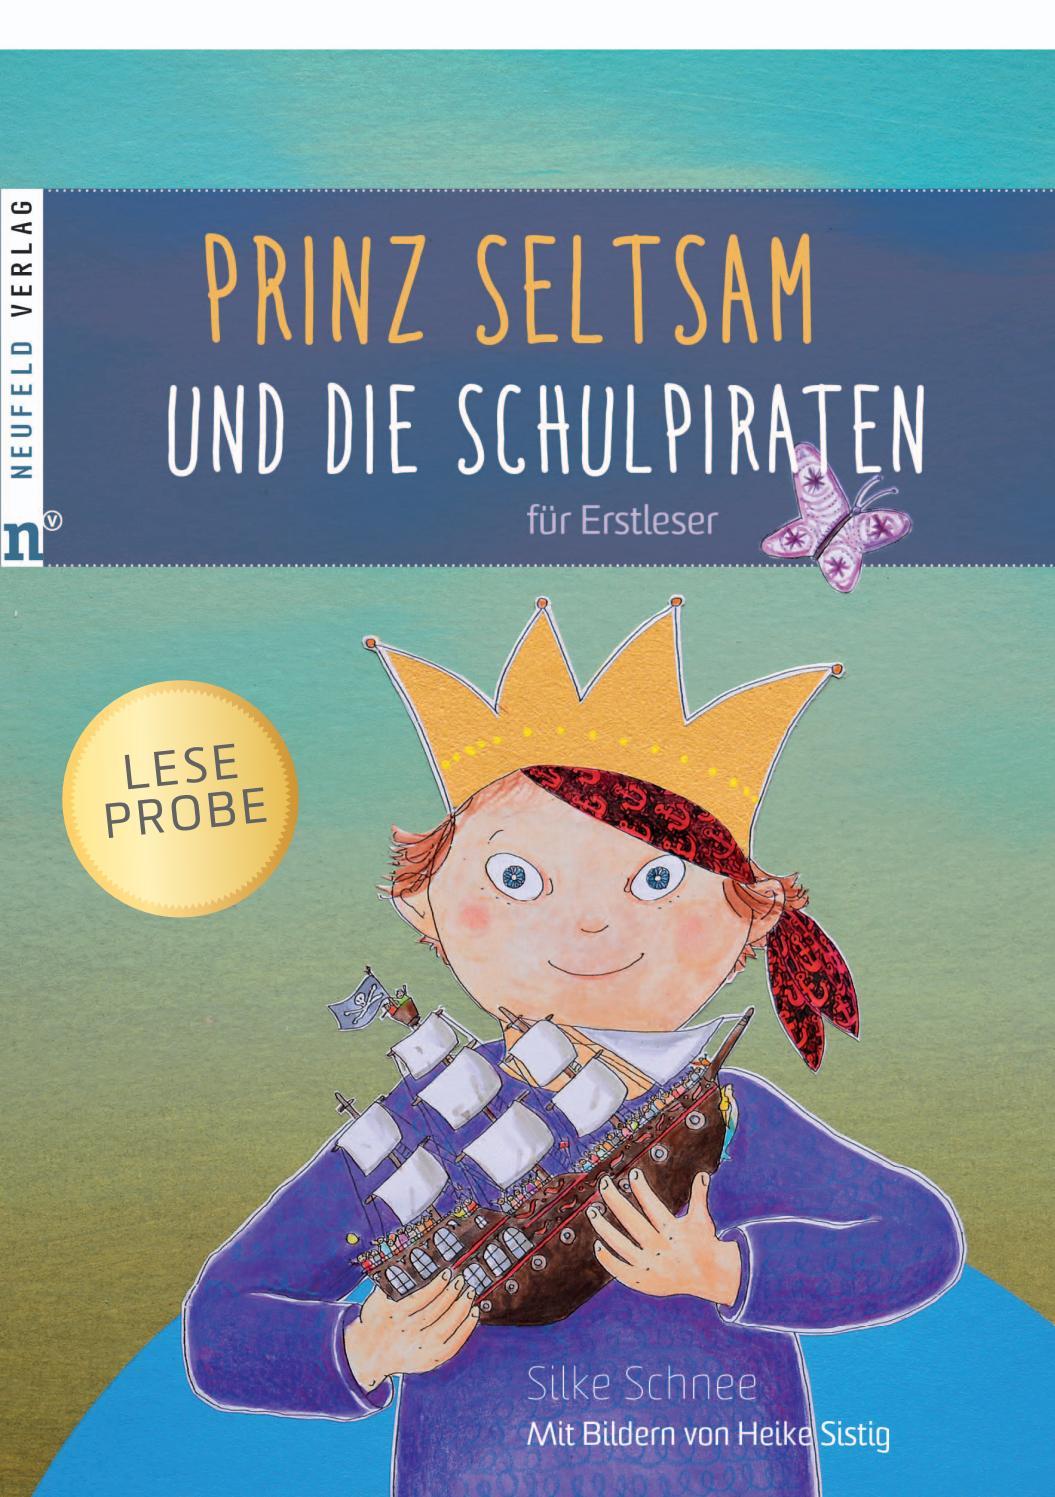 Leseprobe zum Buch Prinz Seltsam und die Schulpiraten